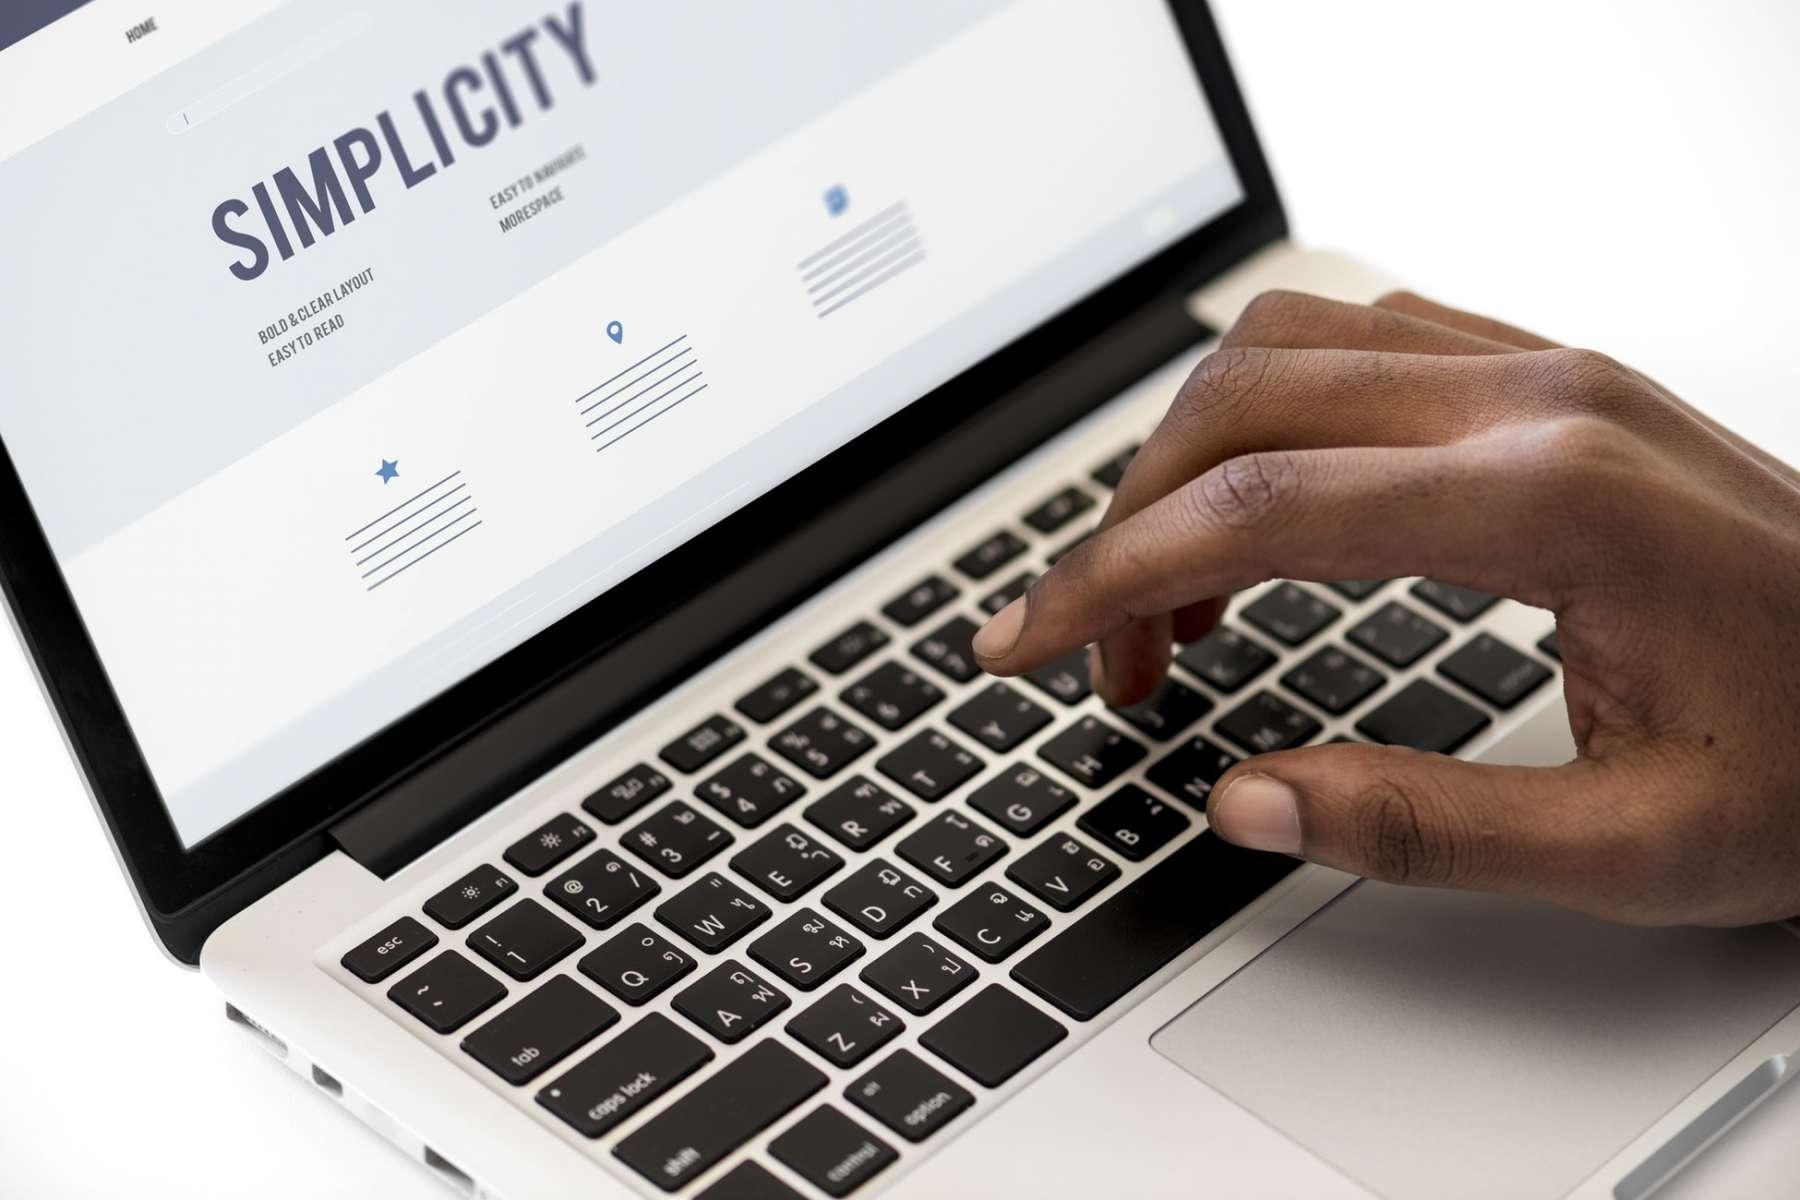 La coopération au développement passe aussi par le digital